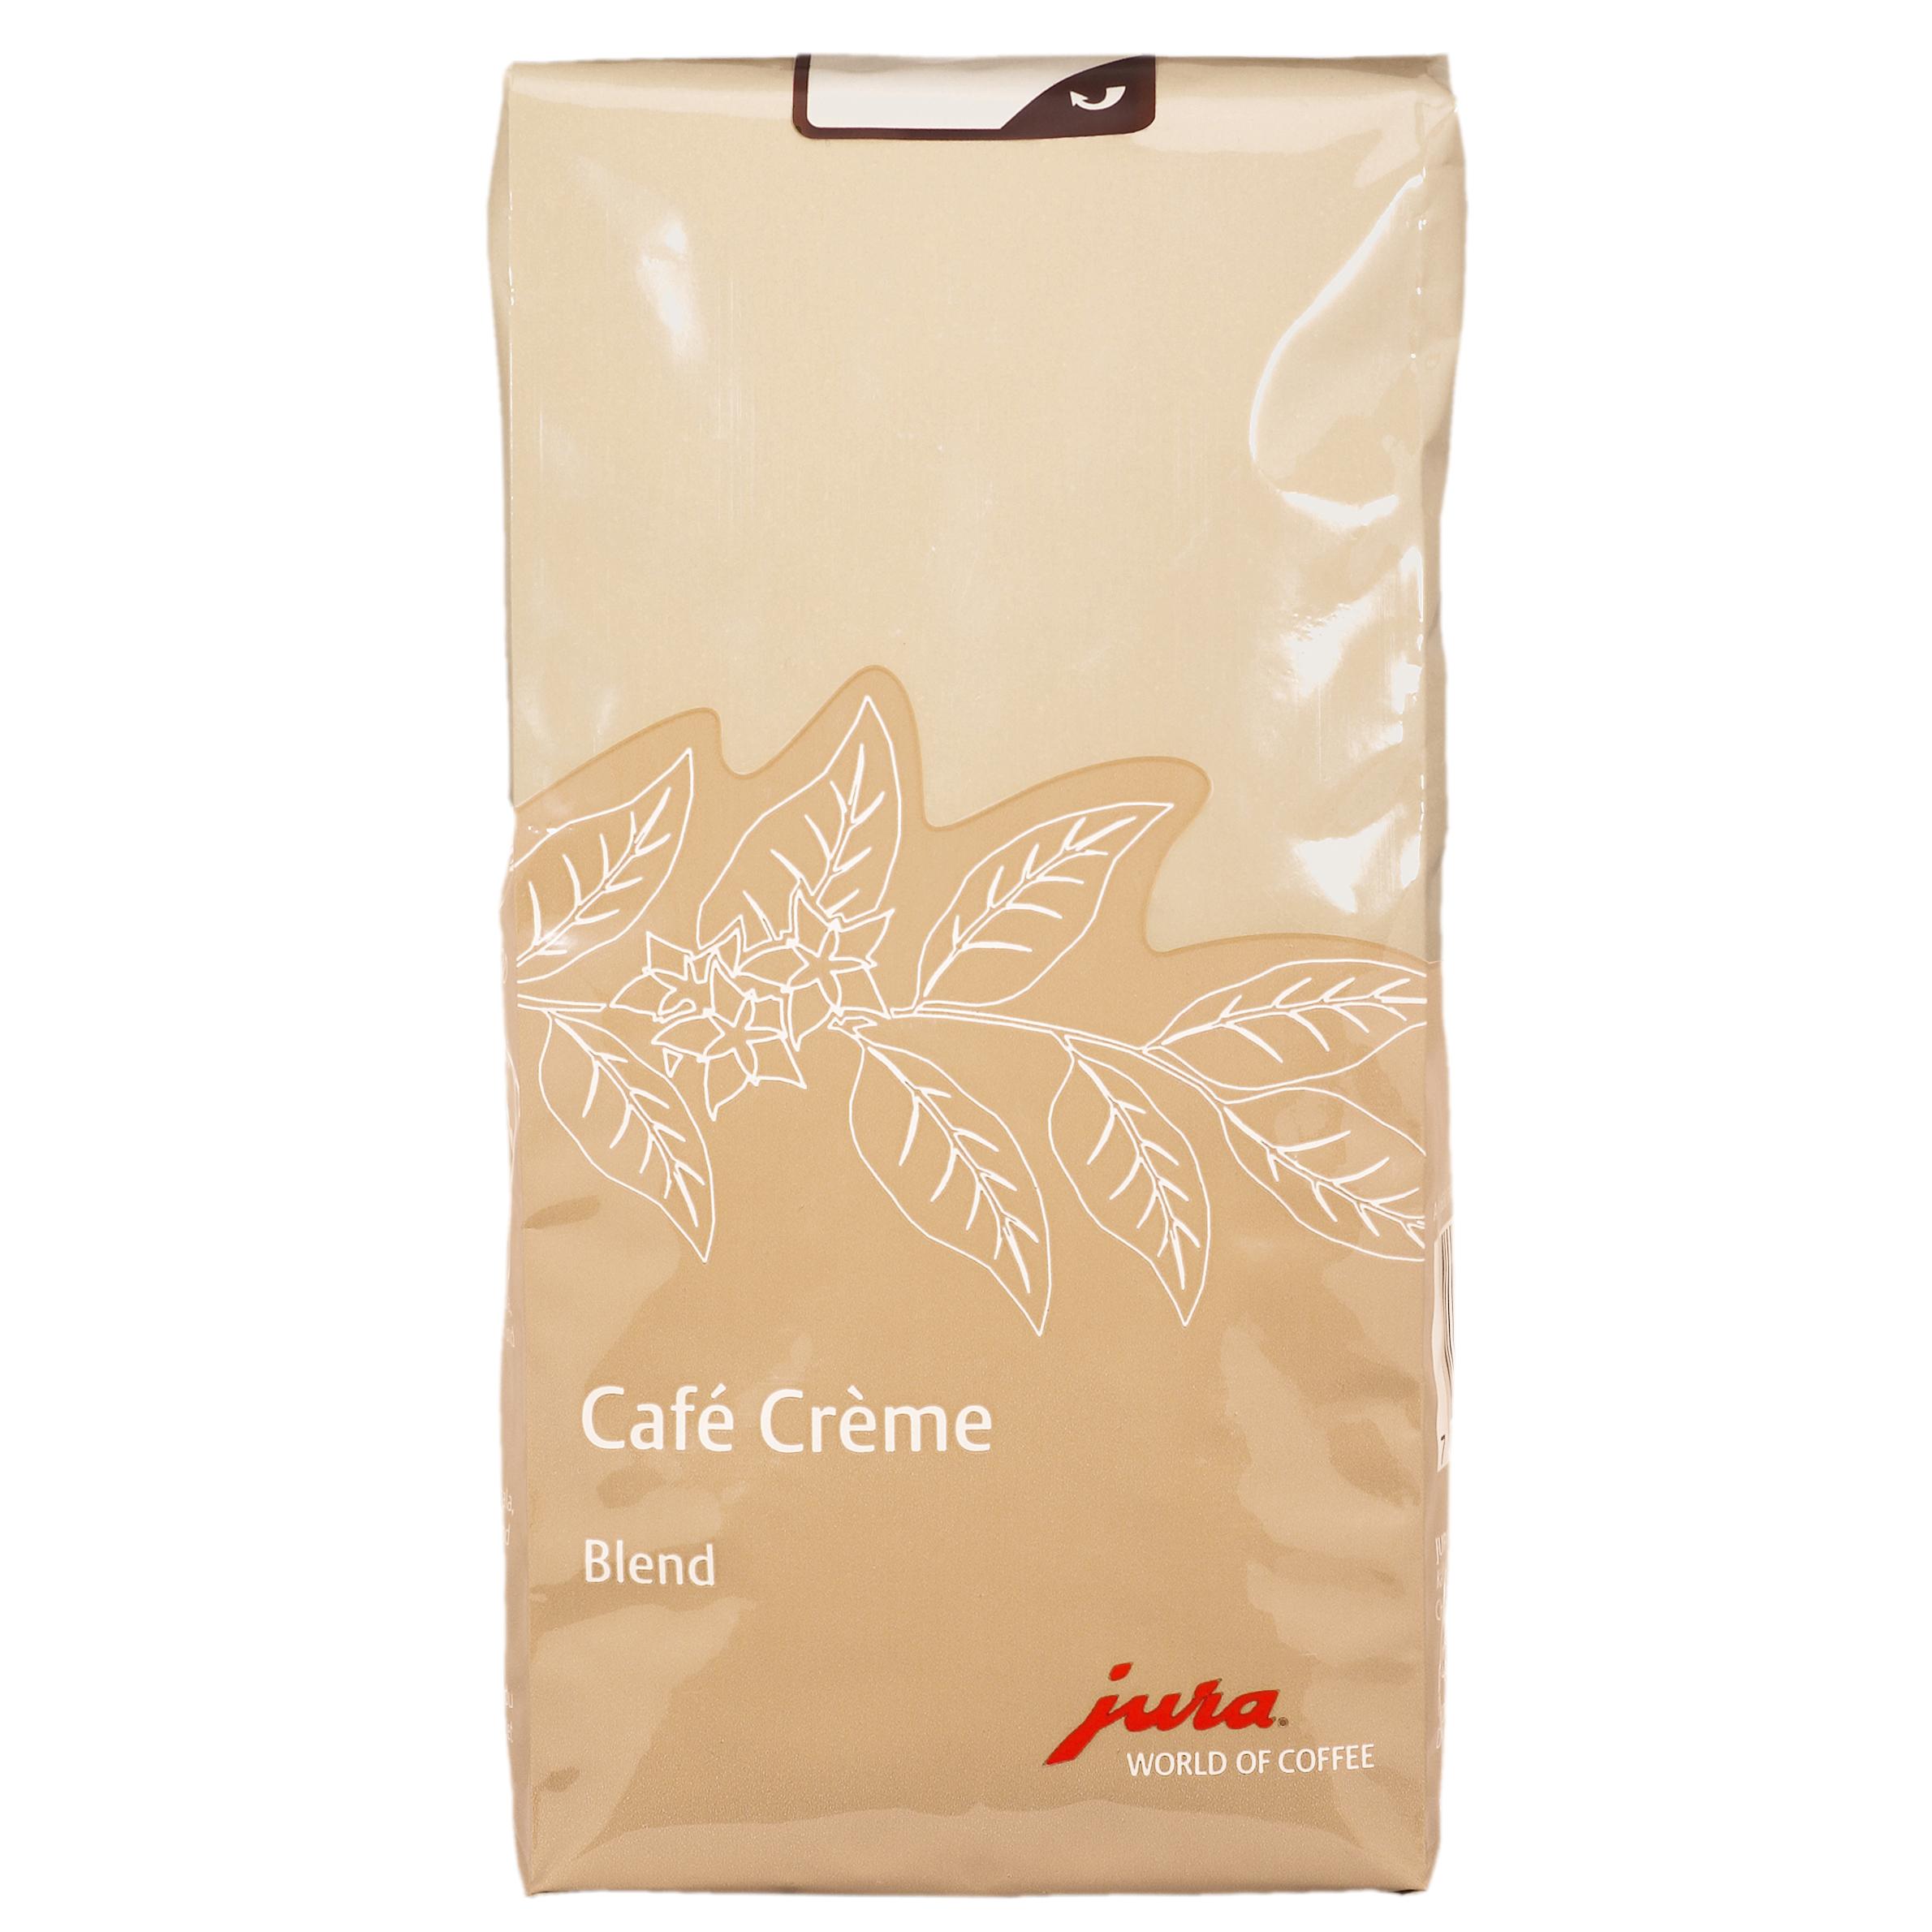 cafe creme blend2